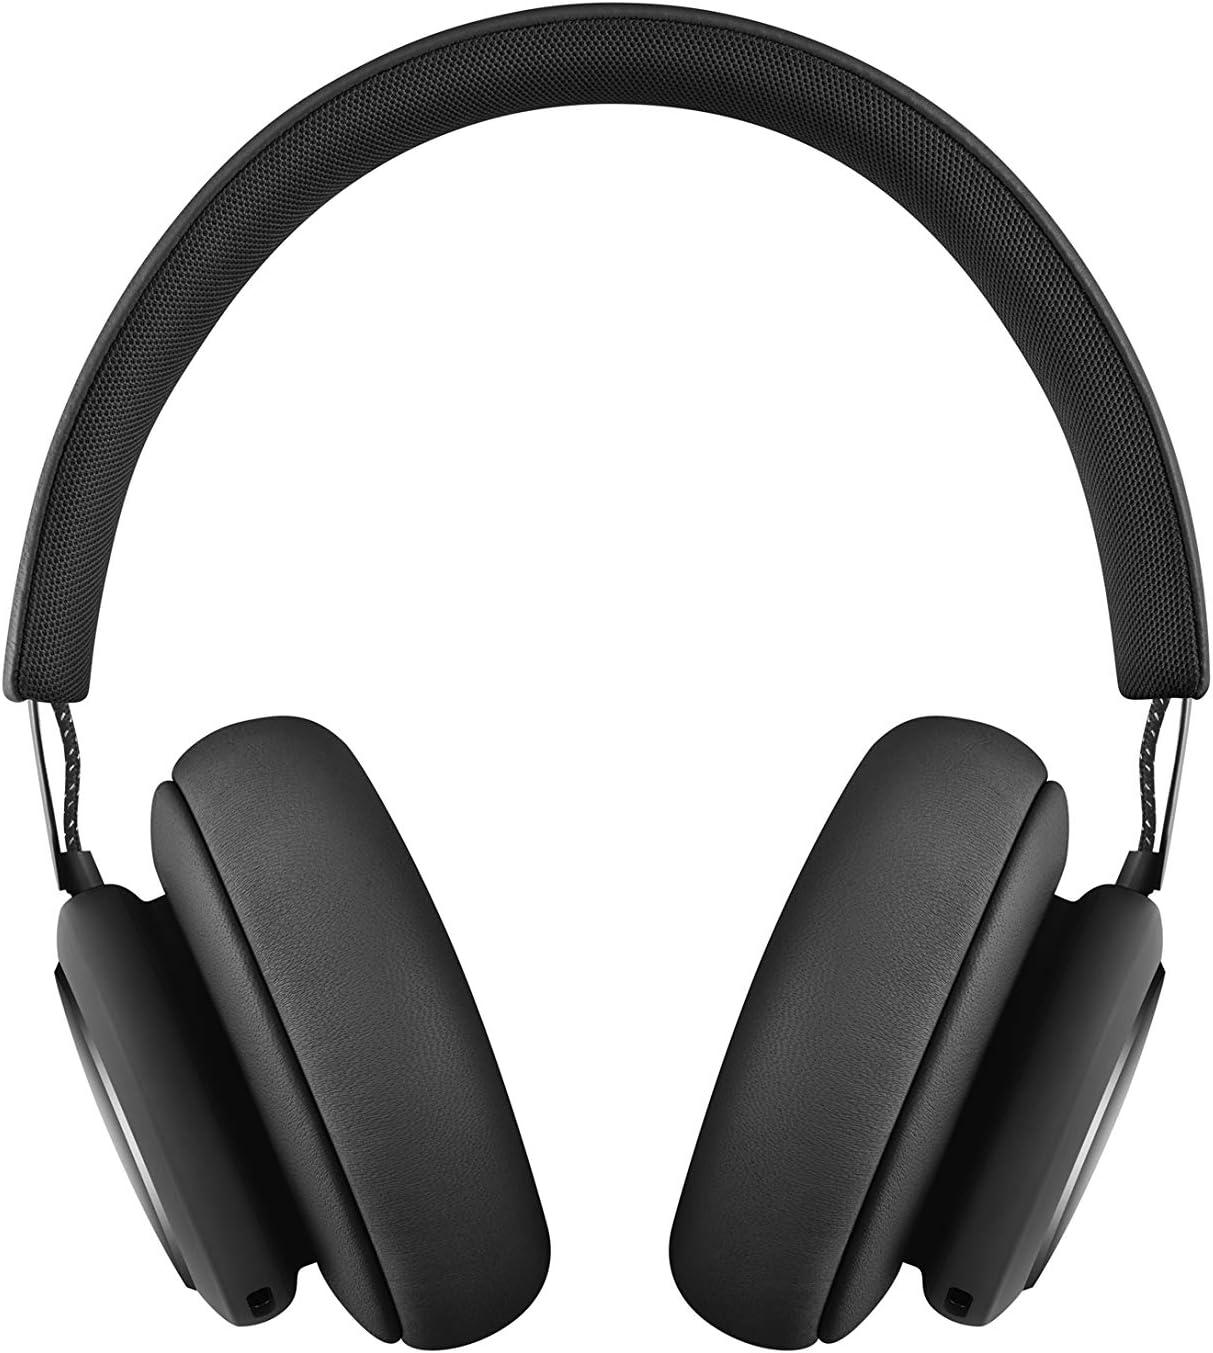 Auriculares inalámbricos Bang & Olufsen Beoplay H4 por 149,99€ ¡¡Ahorras 150€!!